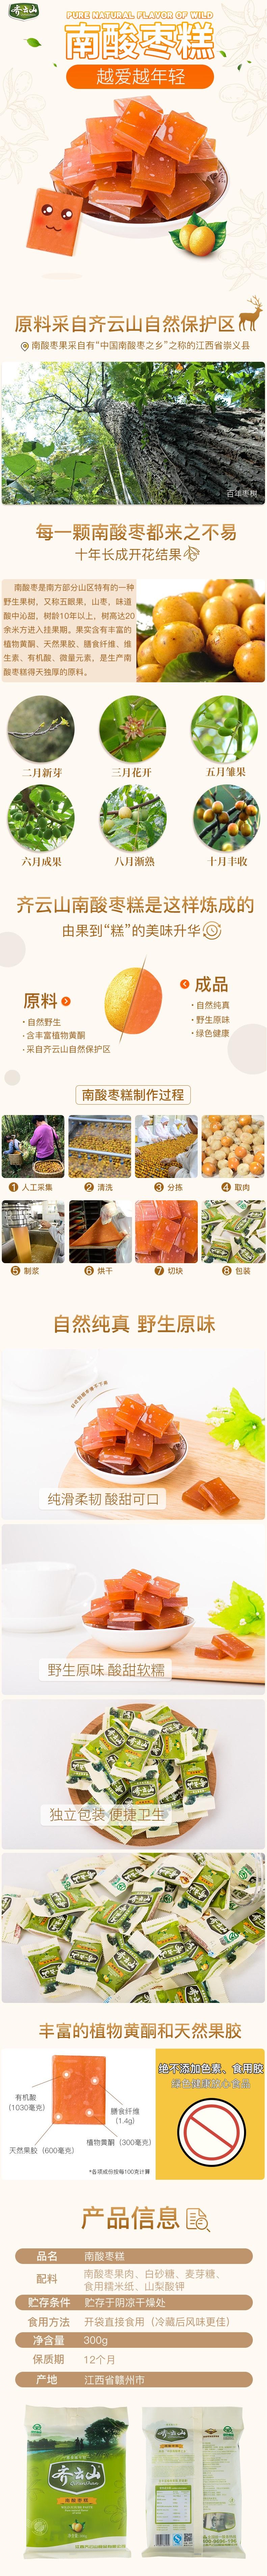 江西特产  齐云山南酸枣糕休闲食品果糕蜜饯零食300g袋装